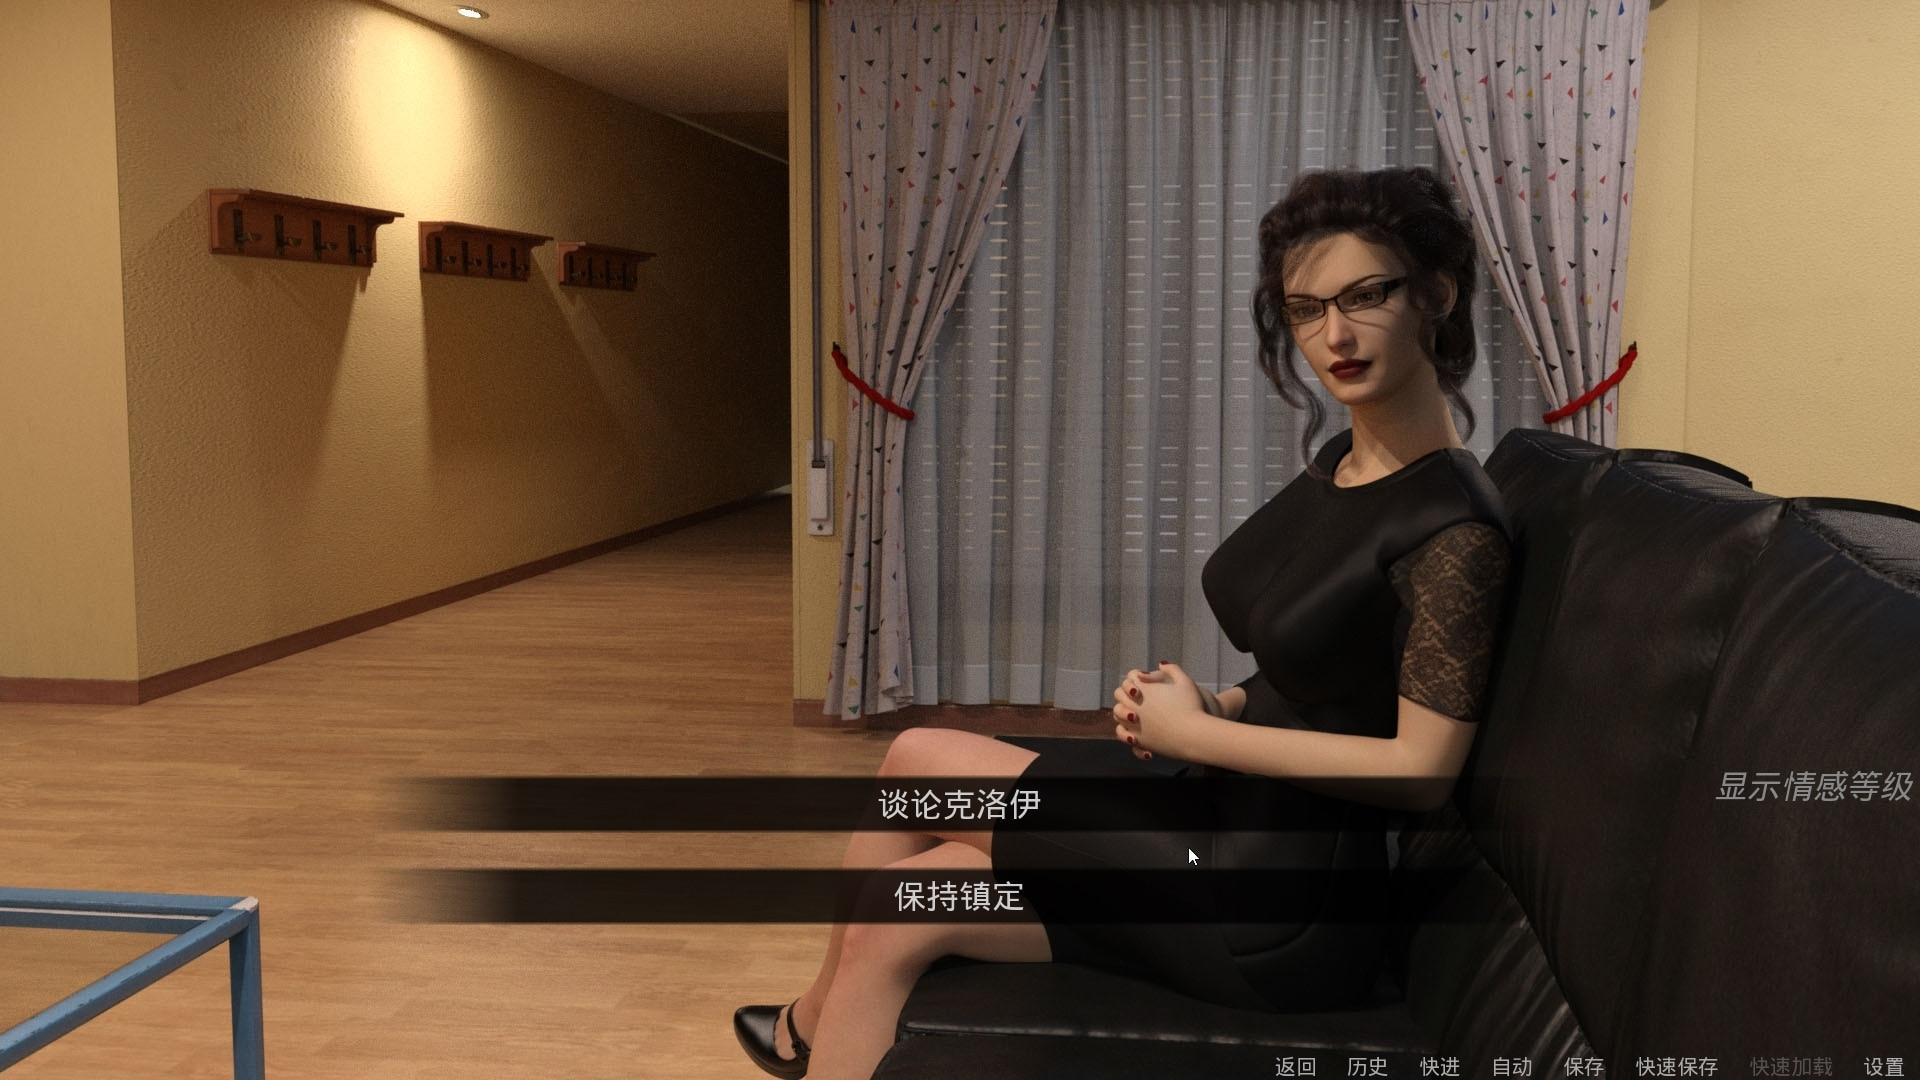 母亲的爱 精翻汉化版 PC+安卓 更新第8章